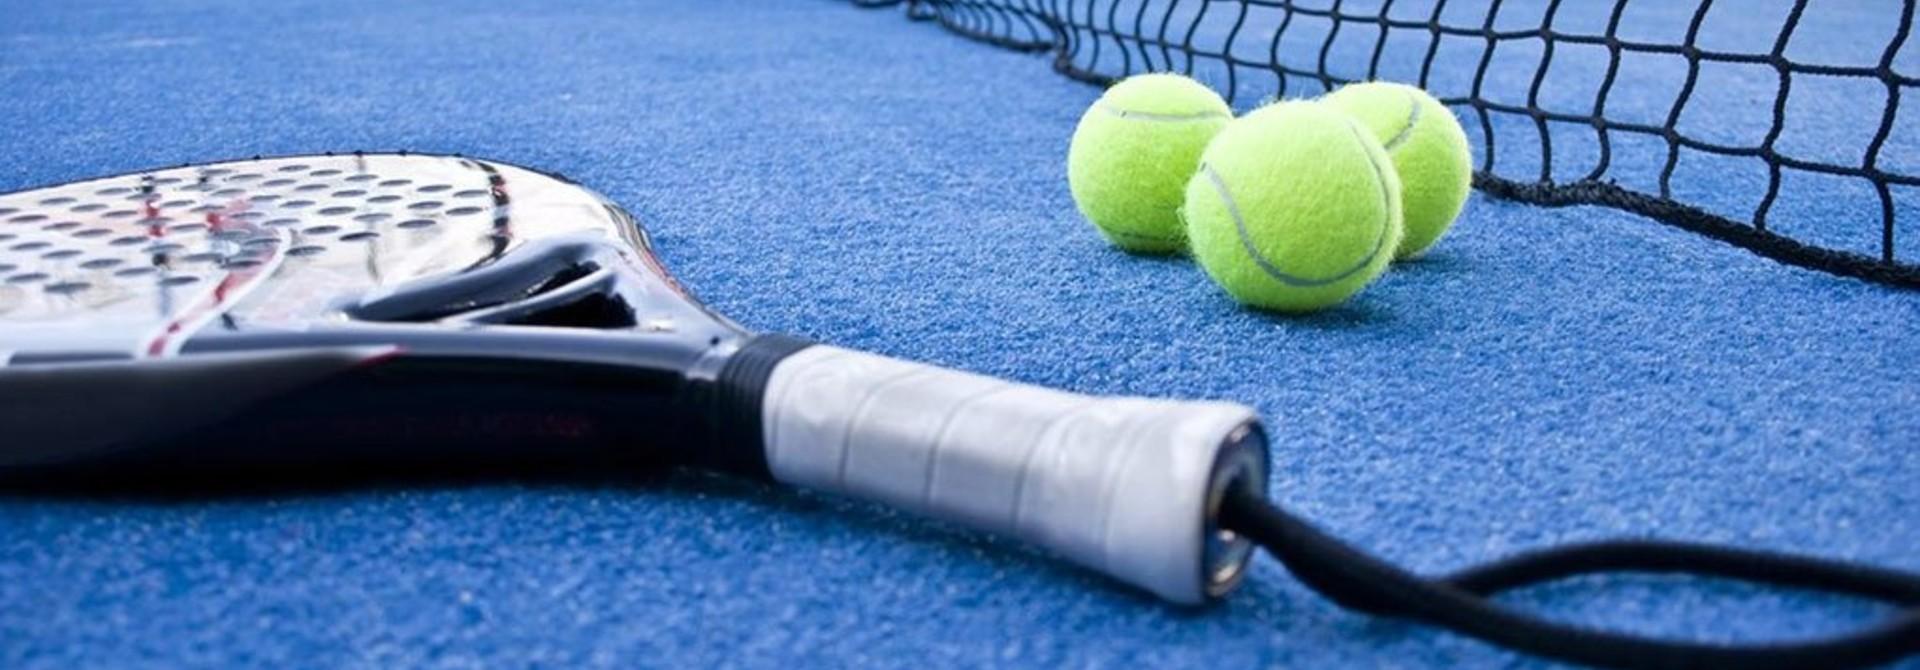 Hoe kies ik best mijn nieuwe padel racket